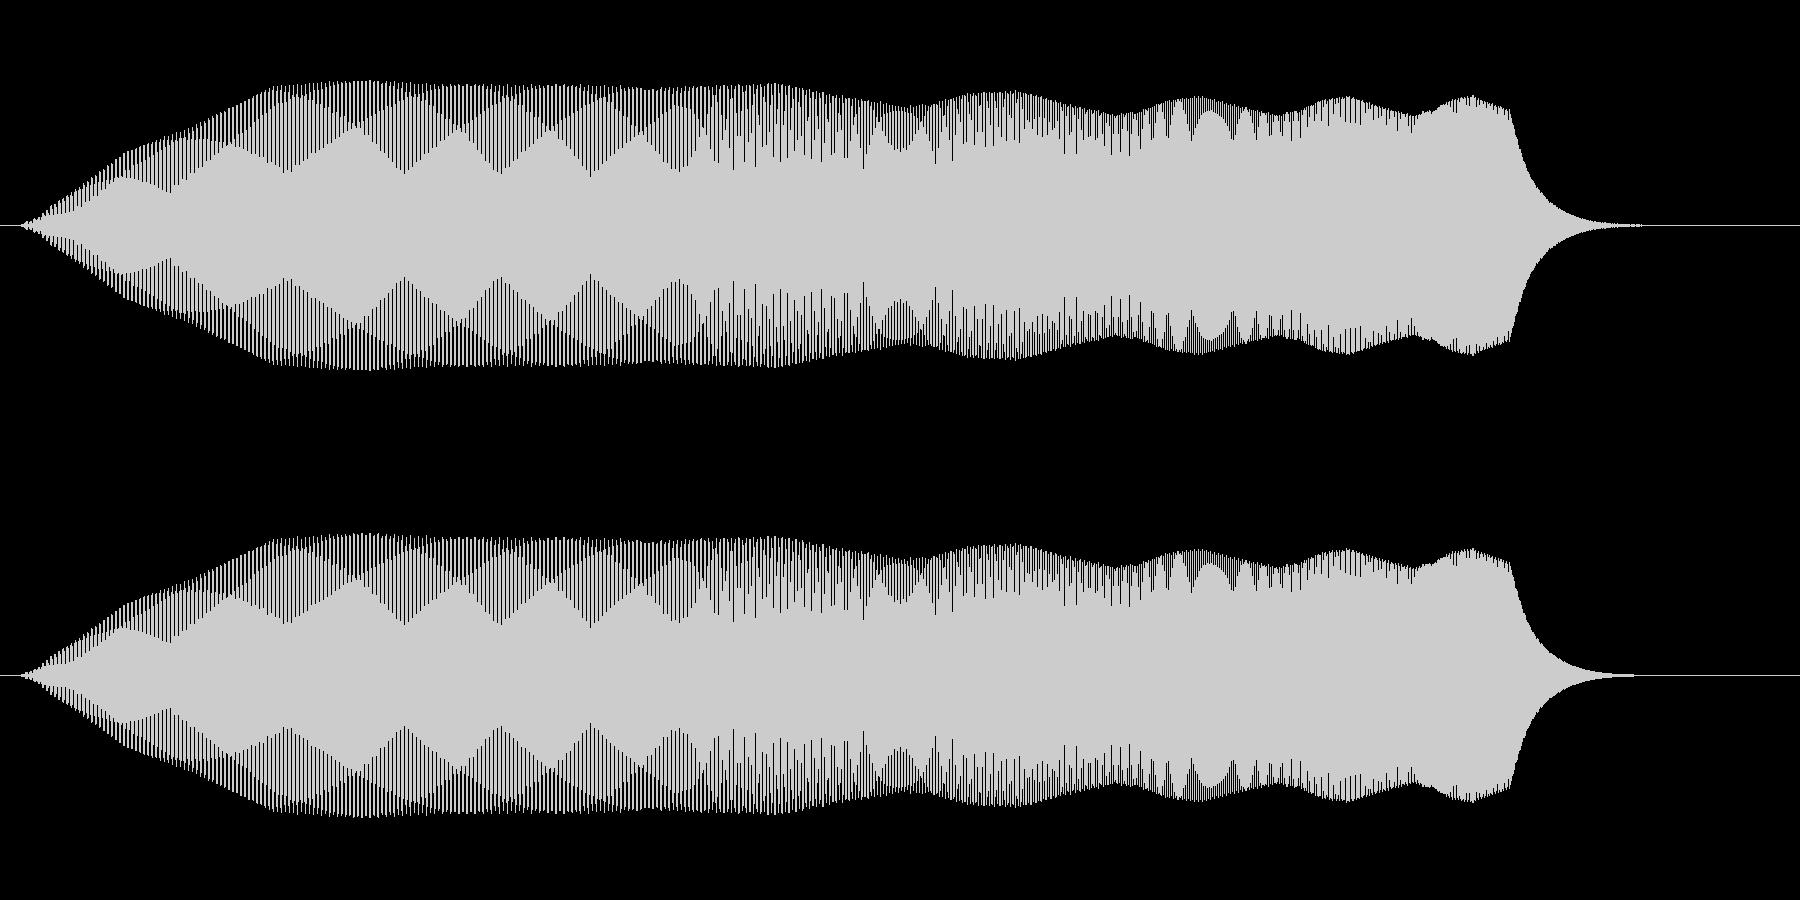 プ〜↑ンワ(素早く上昇する音)の未再生の波形